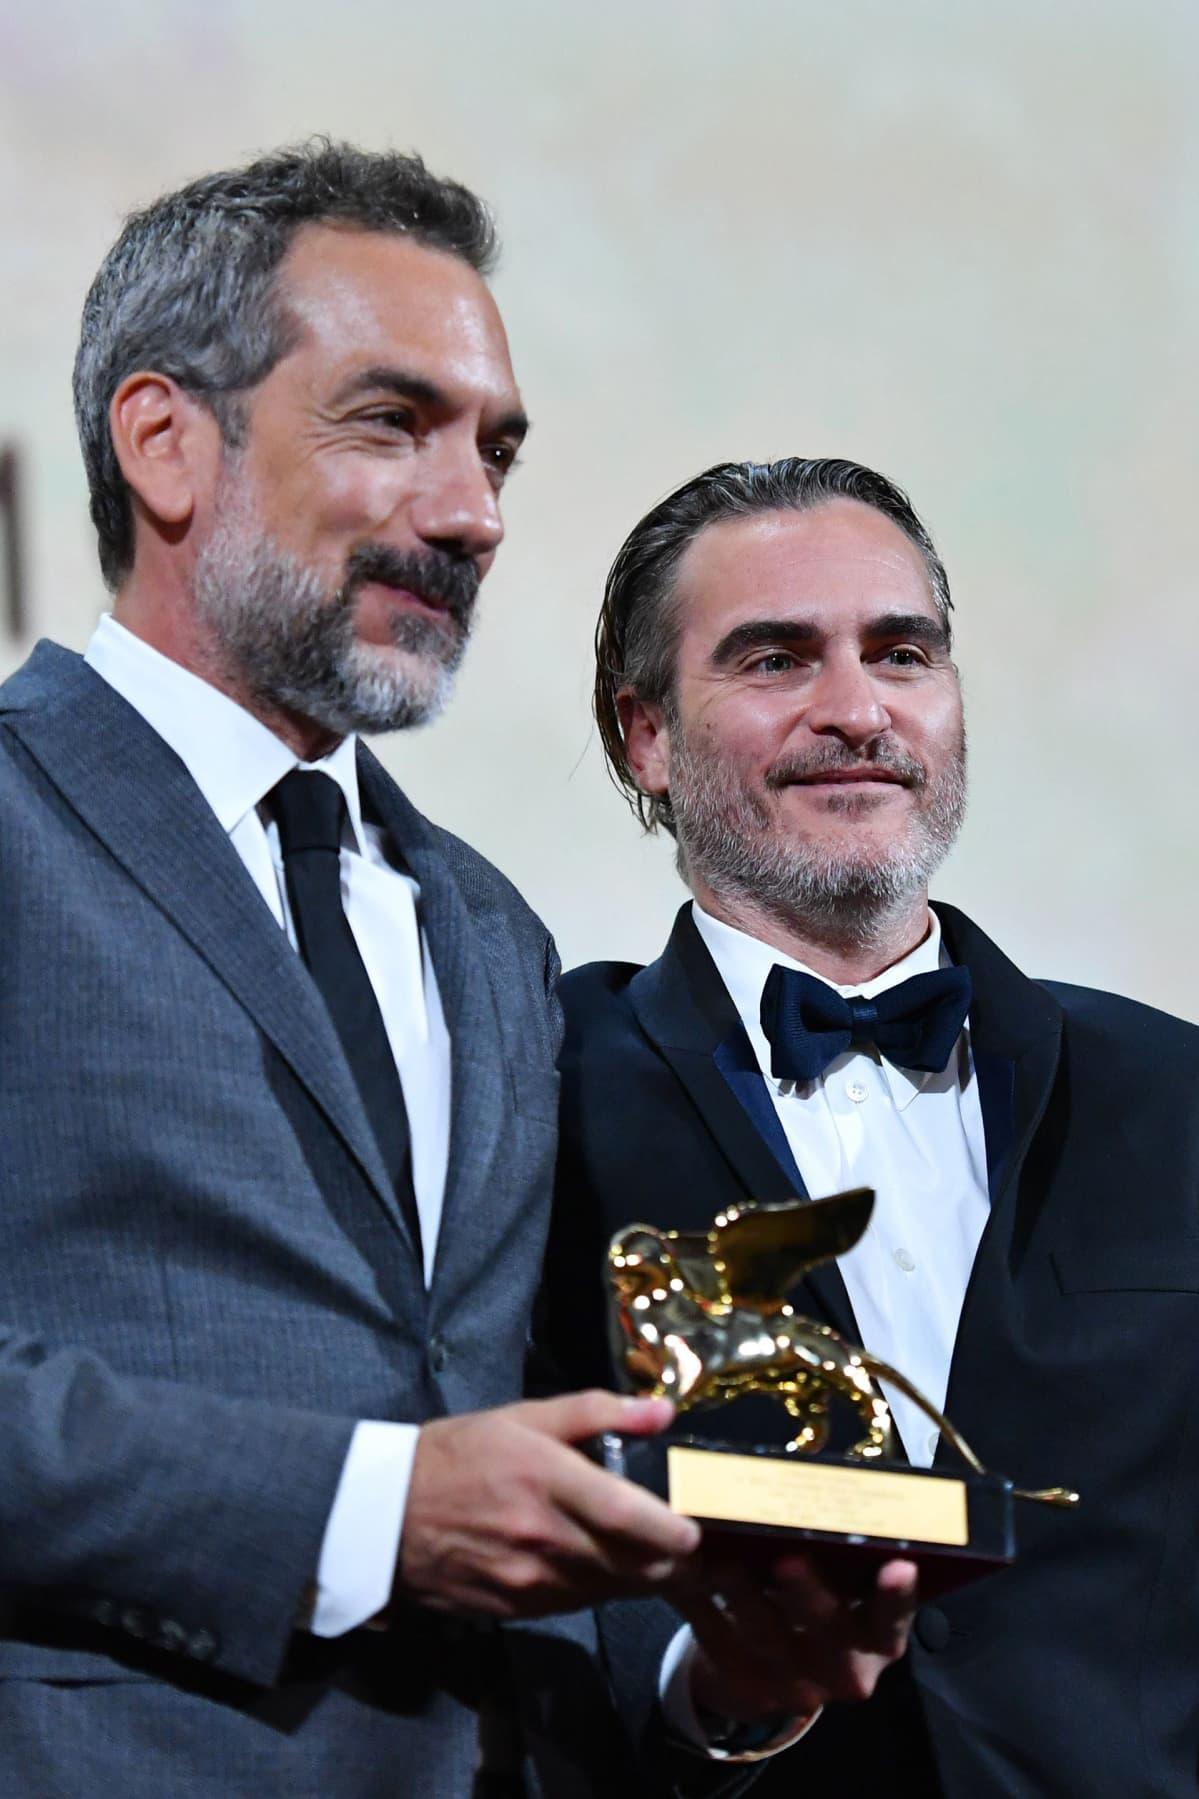 Yhdysvaltalaisohjaaja Todd Phillips (vas.) ja näyttelijä Joaquin Phoenix vastaanottivat Venetsian elokuvajuhlien pääpalkinnon elokuvallaan 'Joker' Lidon saarella 7. syyskuuta.